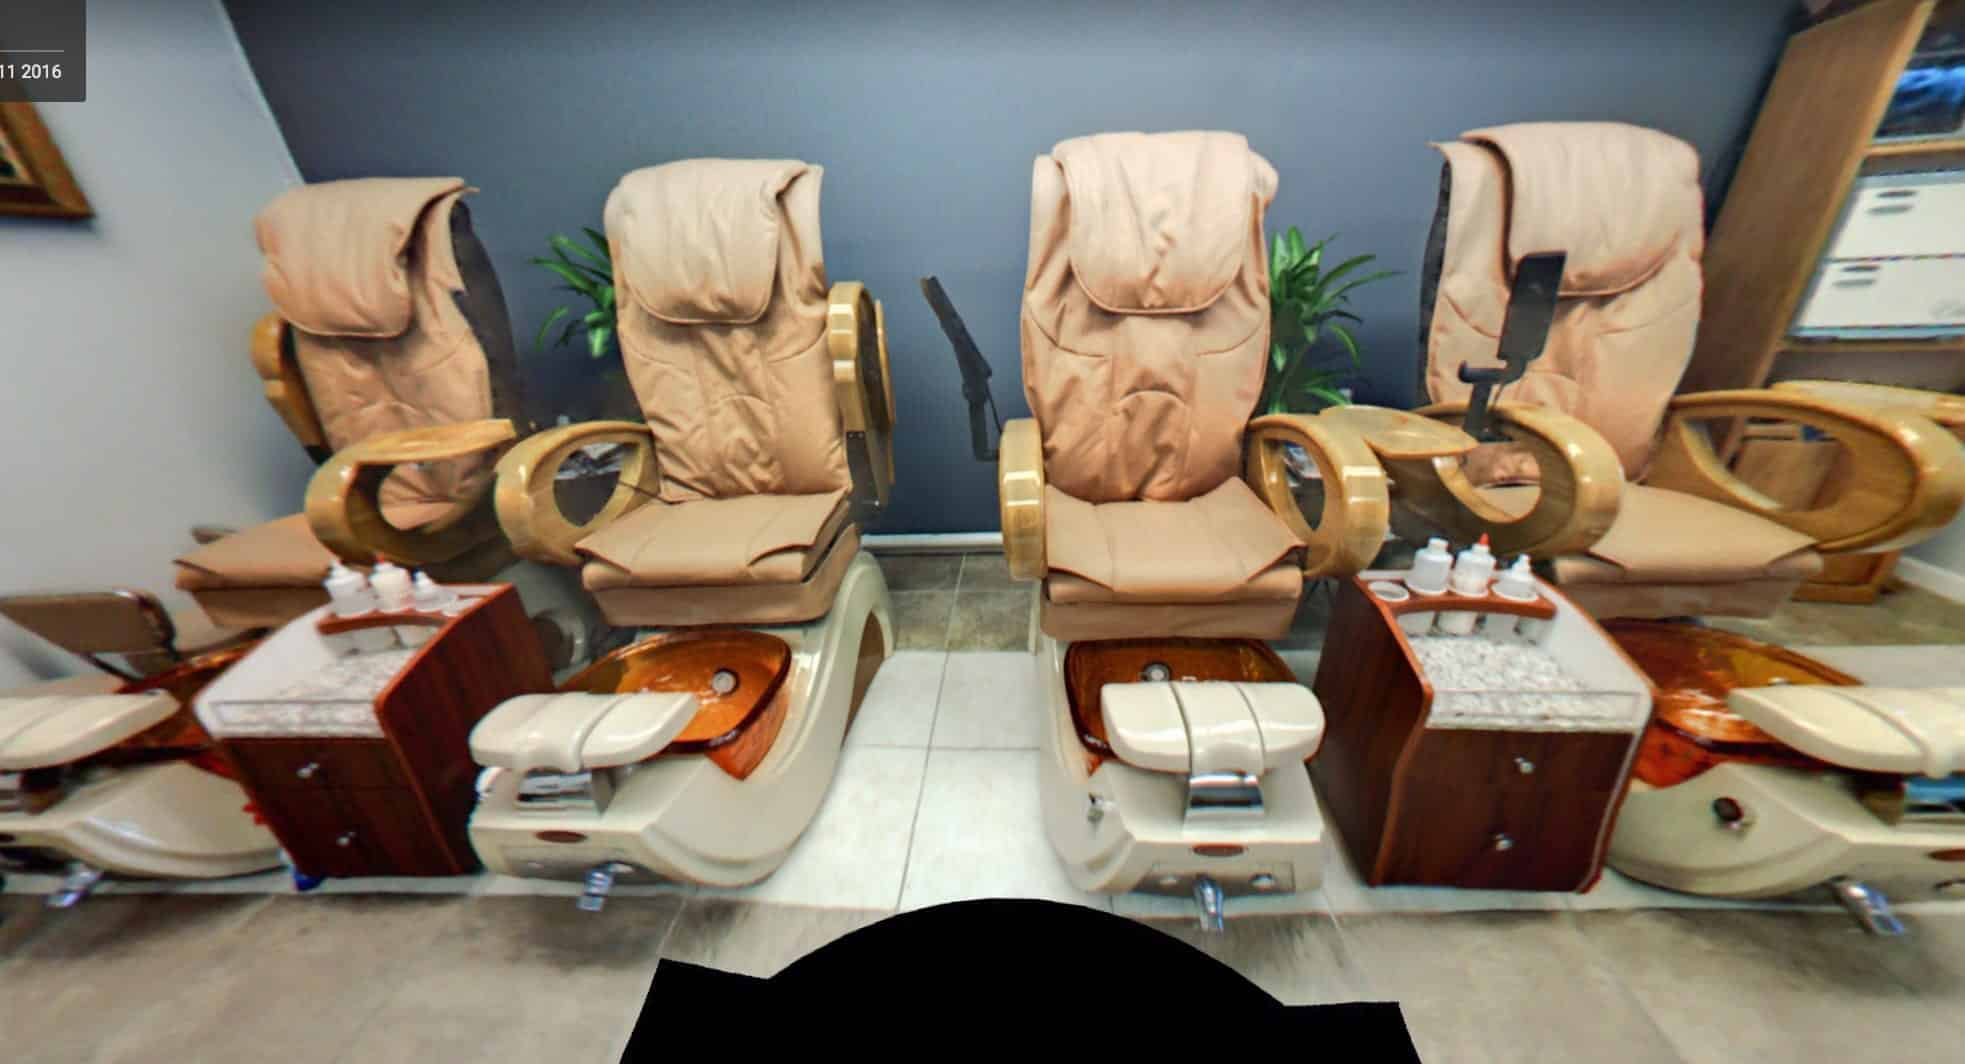 Cần tuyển thợ nail local tại Florence, KY-41042